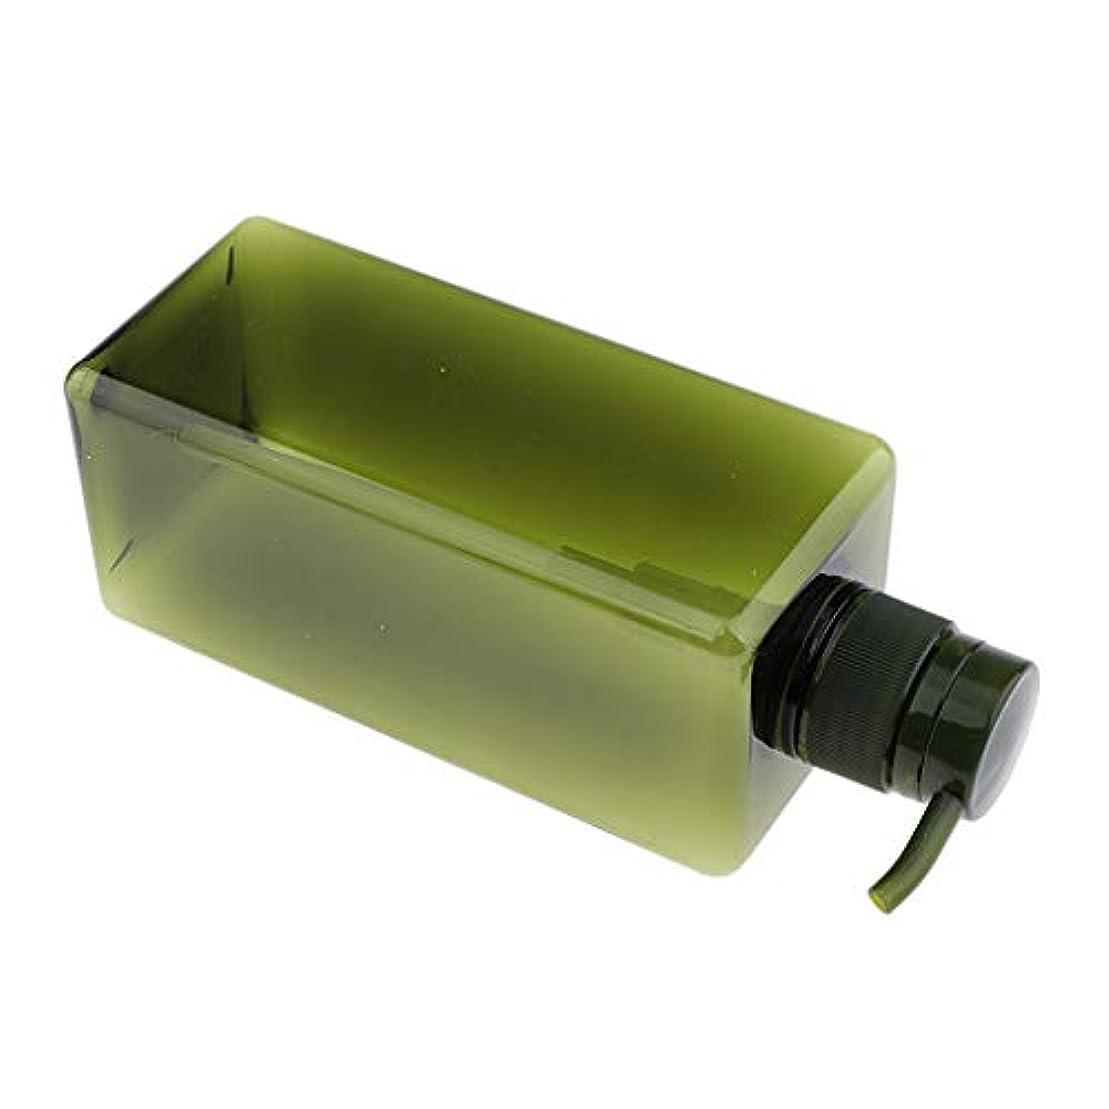 剥ぎ取る役職期待B Baosity ソープディスペンサー ローションボトル シャンプーコンテナ 650ml 高品質 プラスチック 4色選べ - グリーン